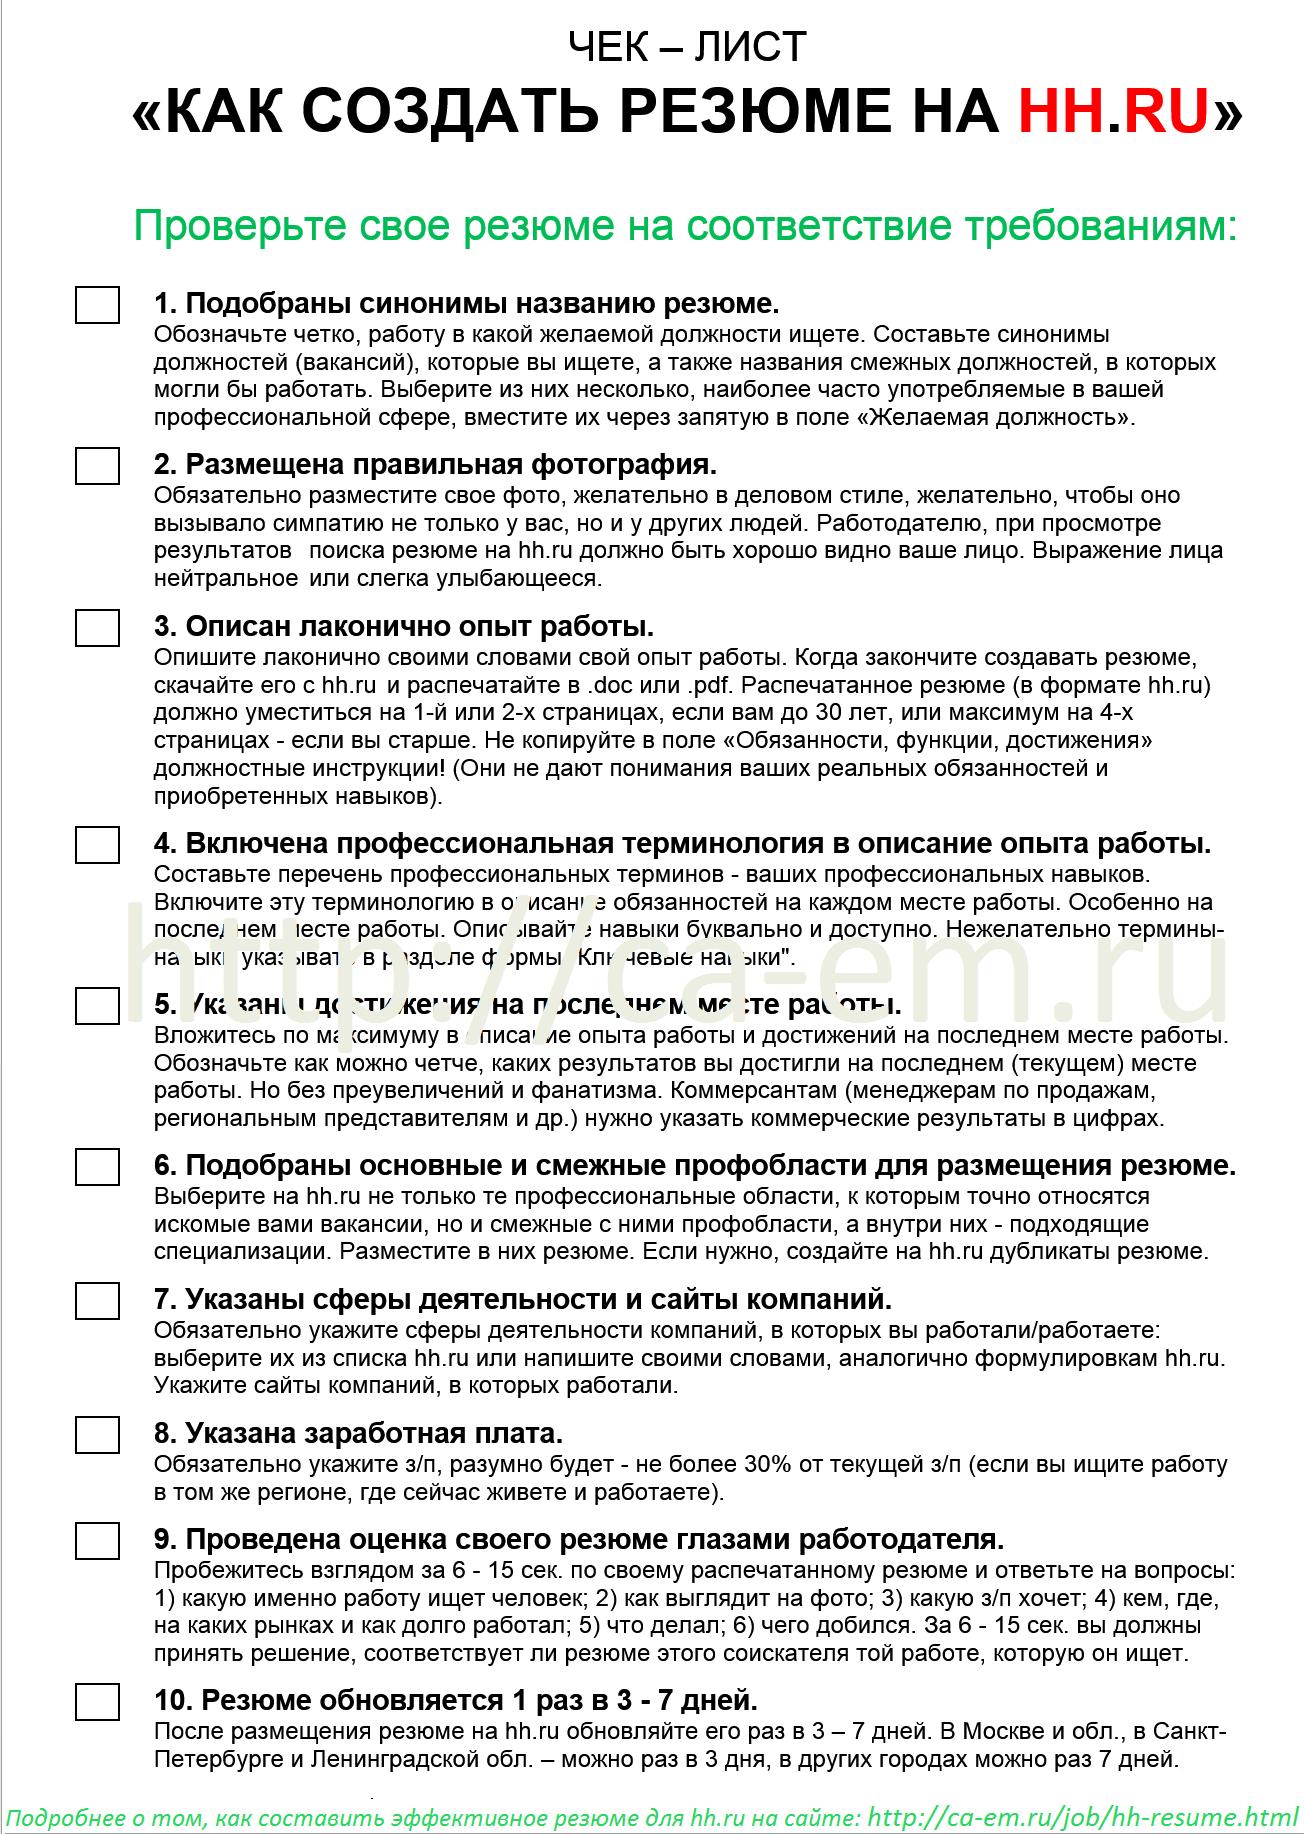 Чек-лист: как составить резюме на хх.ру